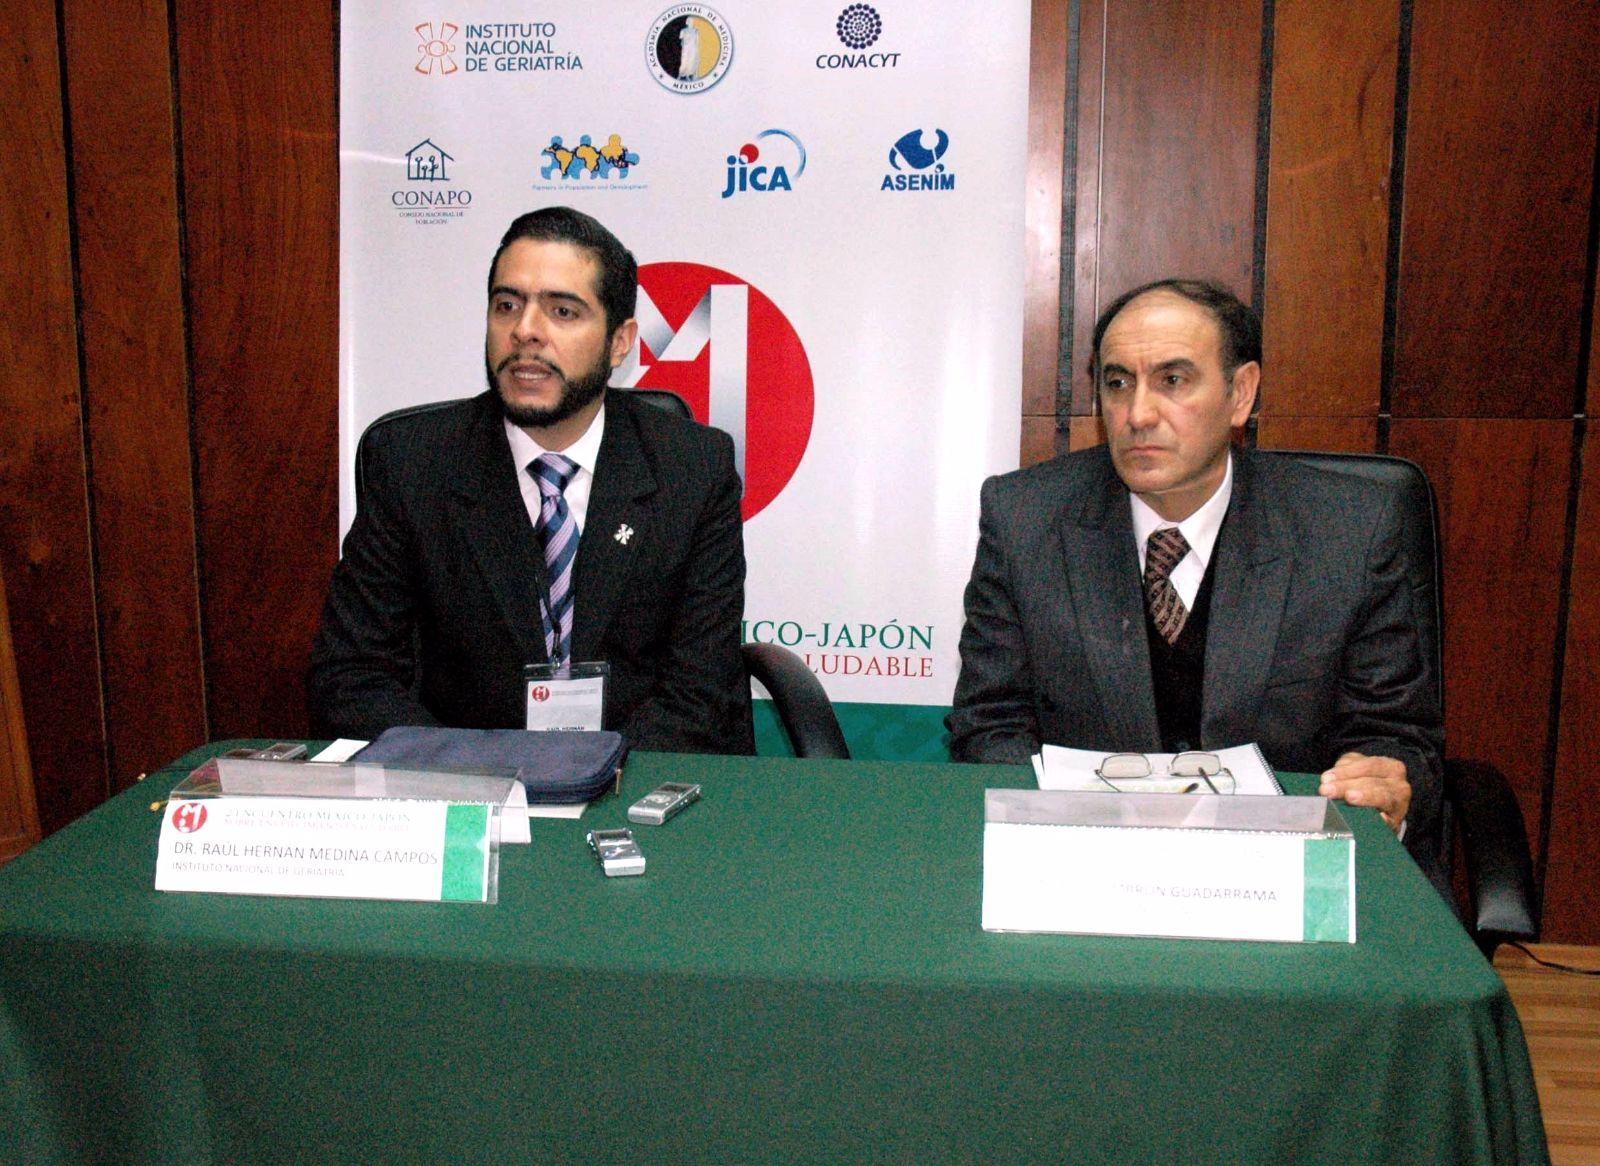 Dr Raul Hernan Medina Campos, Instituto Nacionsl de Geriatria y Mtro Jesus Zimbron Guadarrama Director ajunto de CONAPO